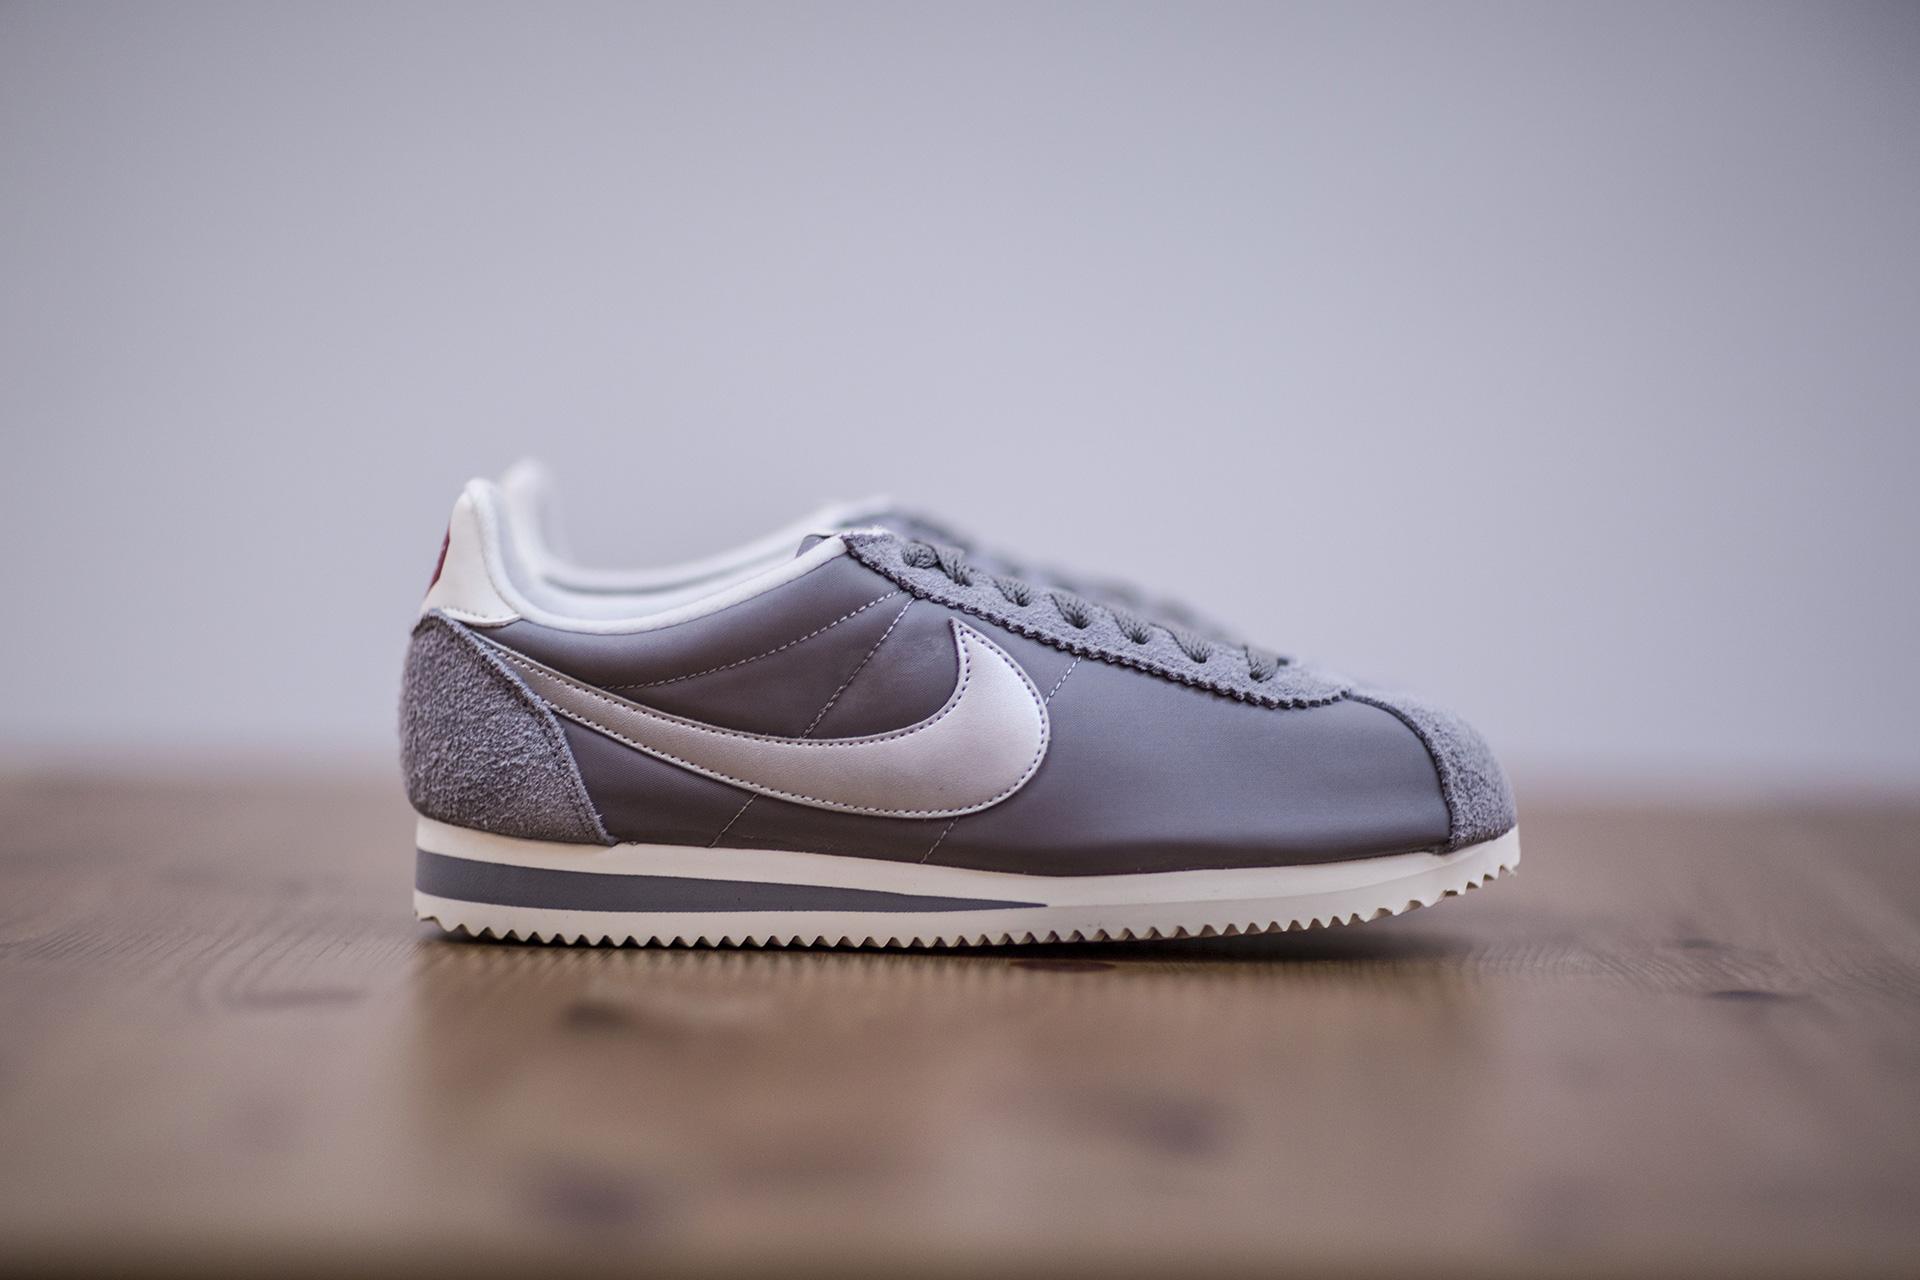 803962a3 Купить серые мужские кроссовки Classic Cortez Nylon PRM от Nike ...